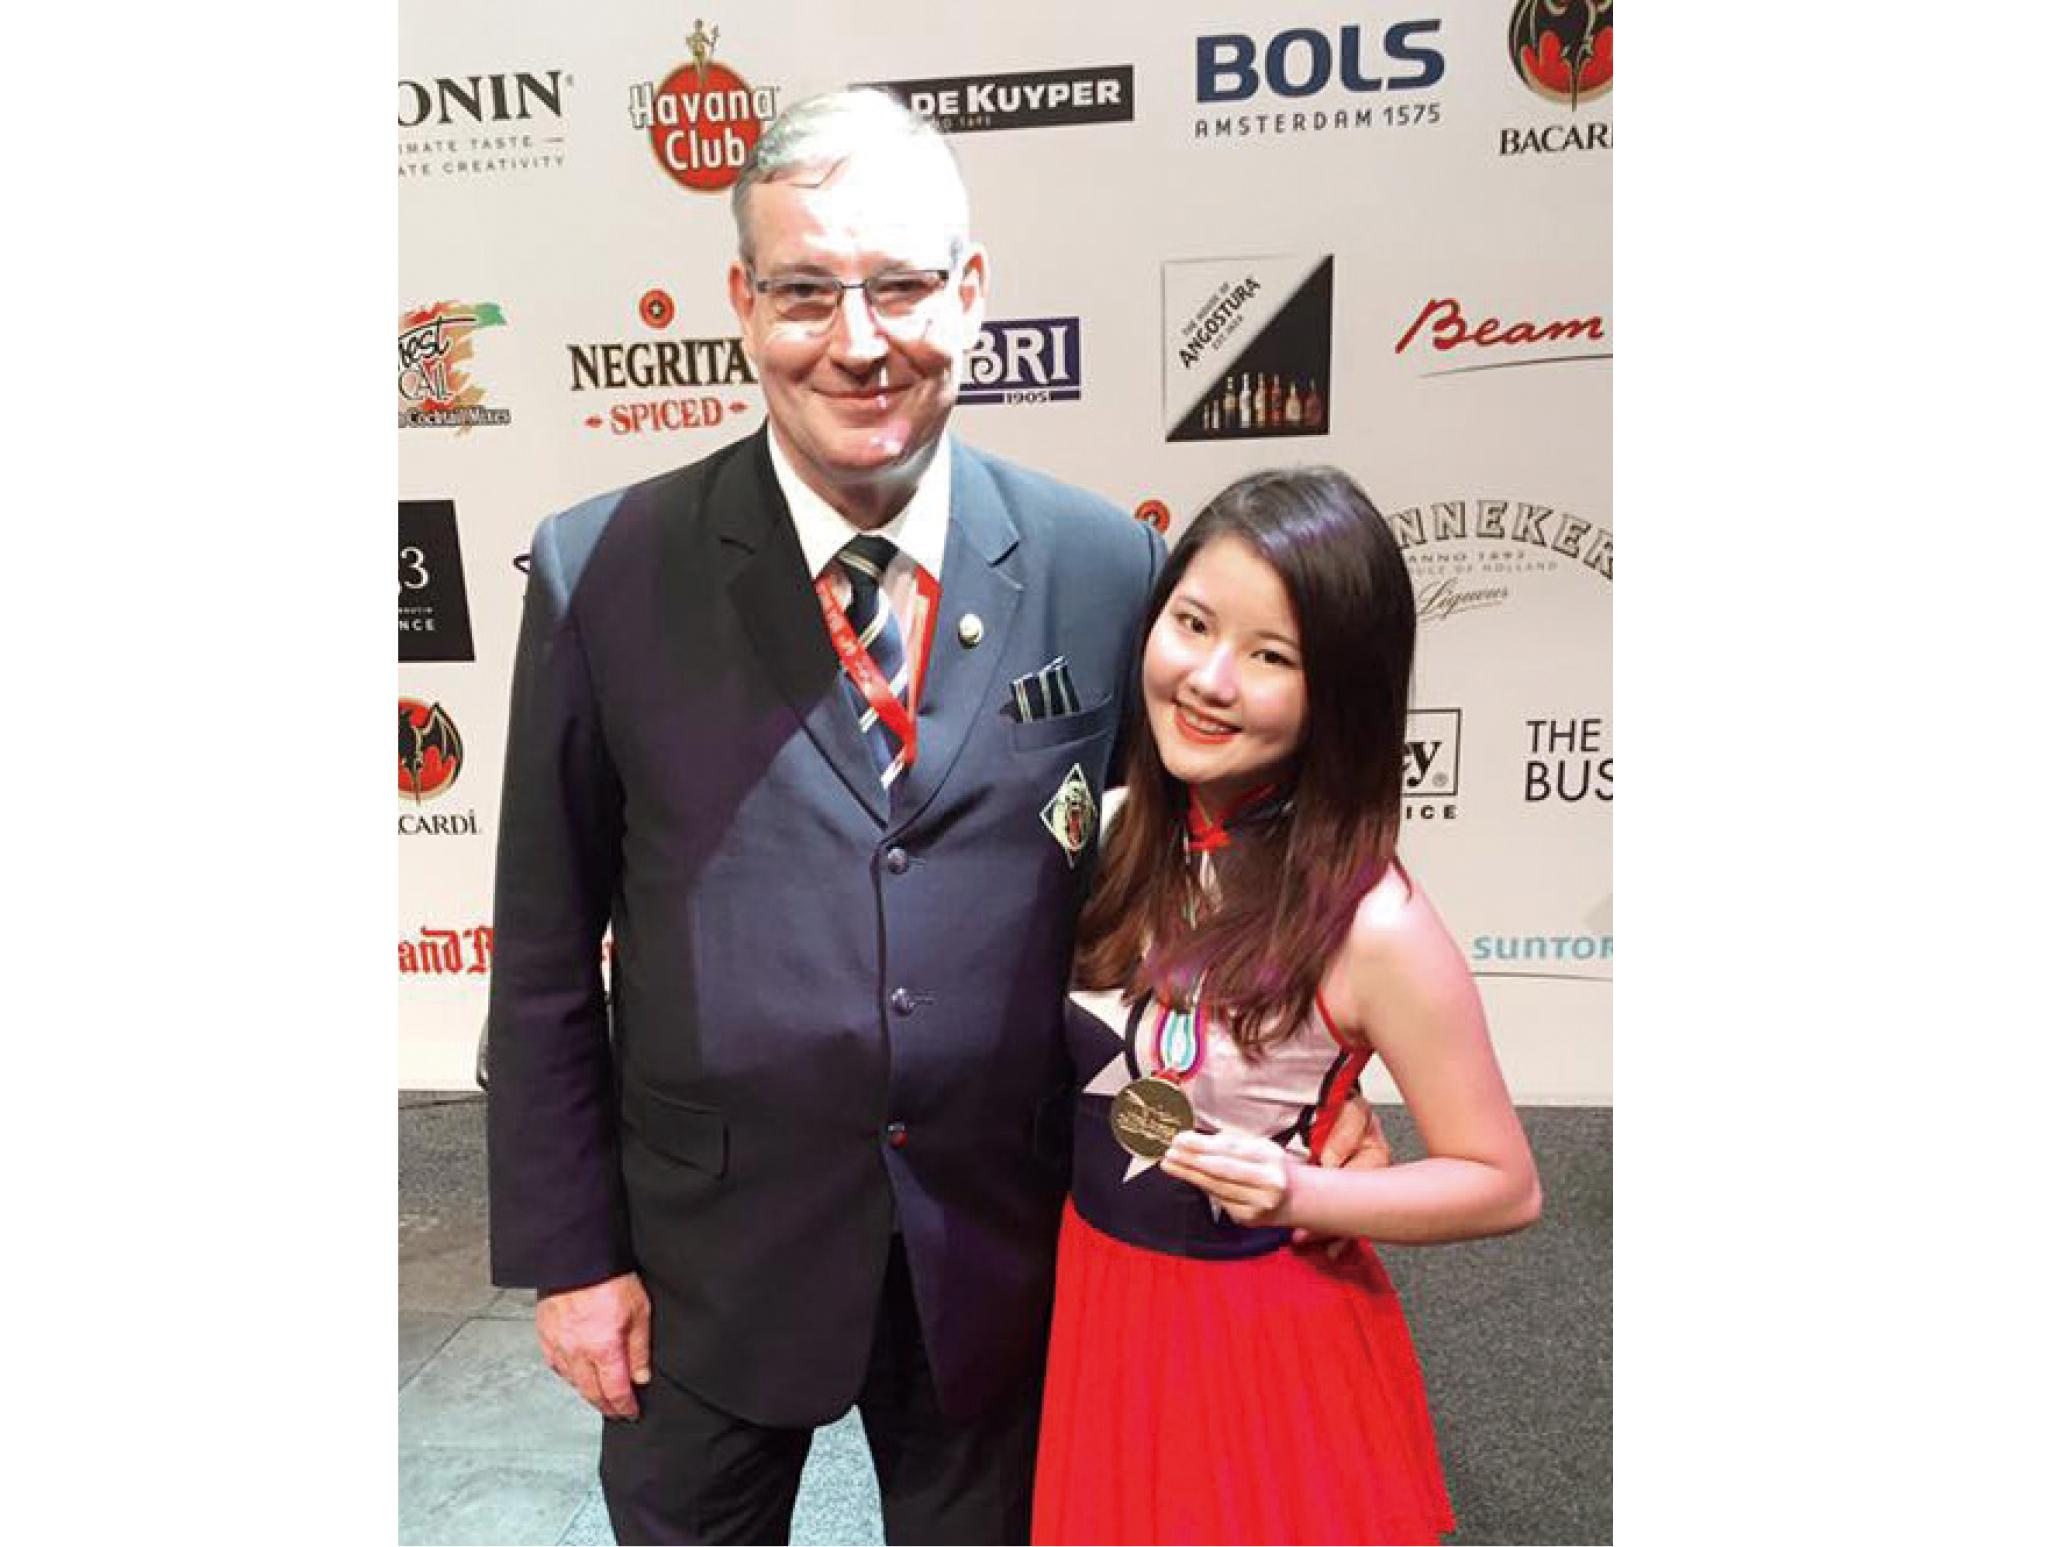 獲得第64屆IBA 世界盃調酒大賽傳統調酒餐後酒組金牌。